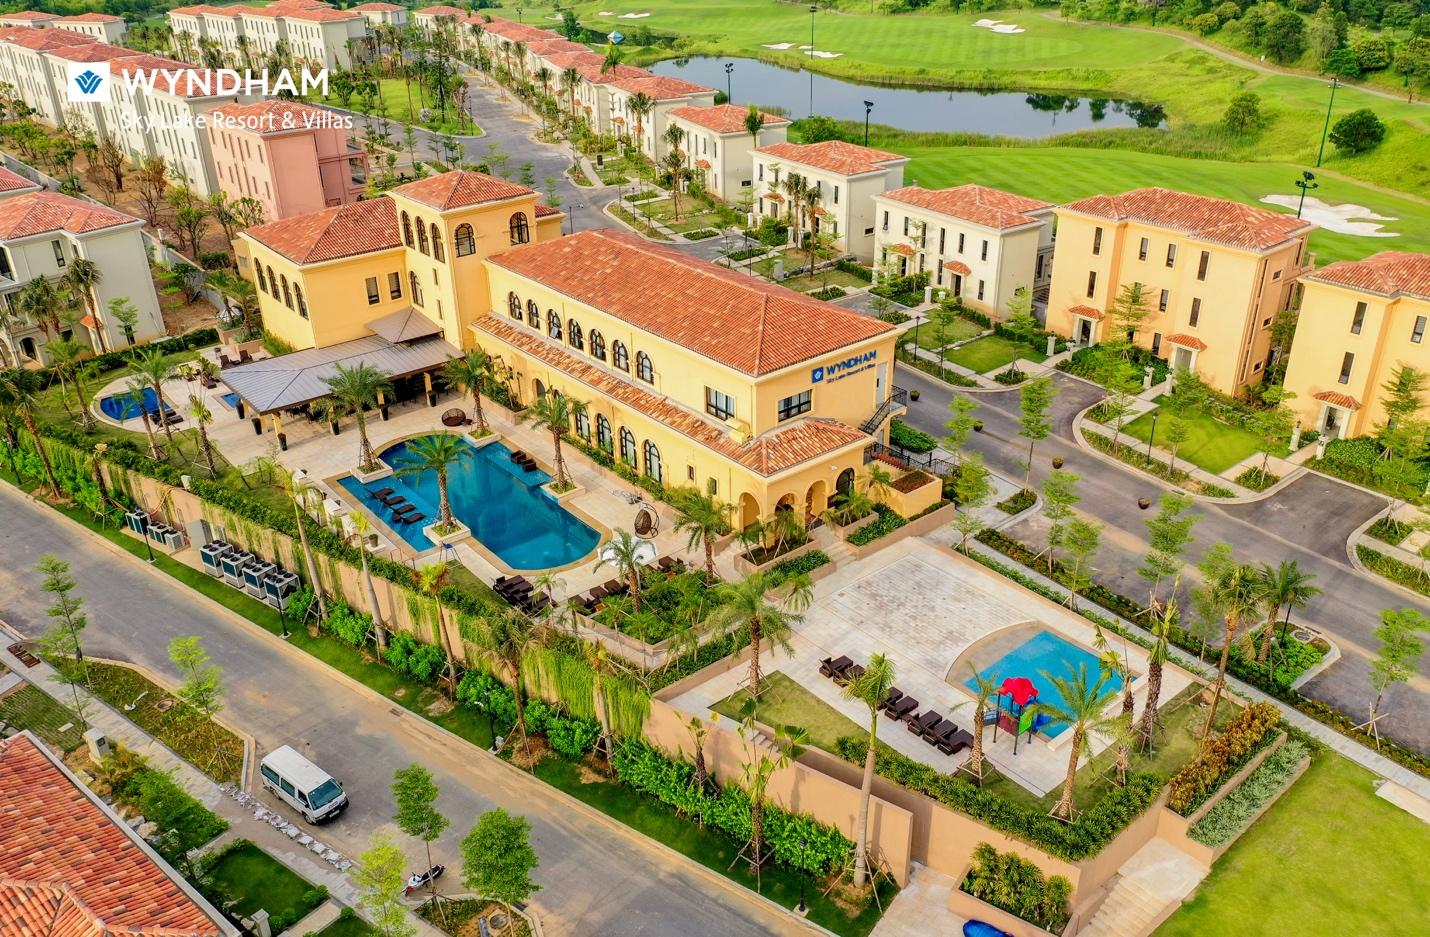 Wyndham Sky Lake Resort & Villas: Bảo chứng an toàn về đầu tư sinh lời cho bất động sản nghỉ dưỡng ven đô - Ảnh 1.